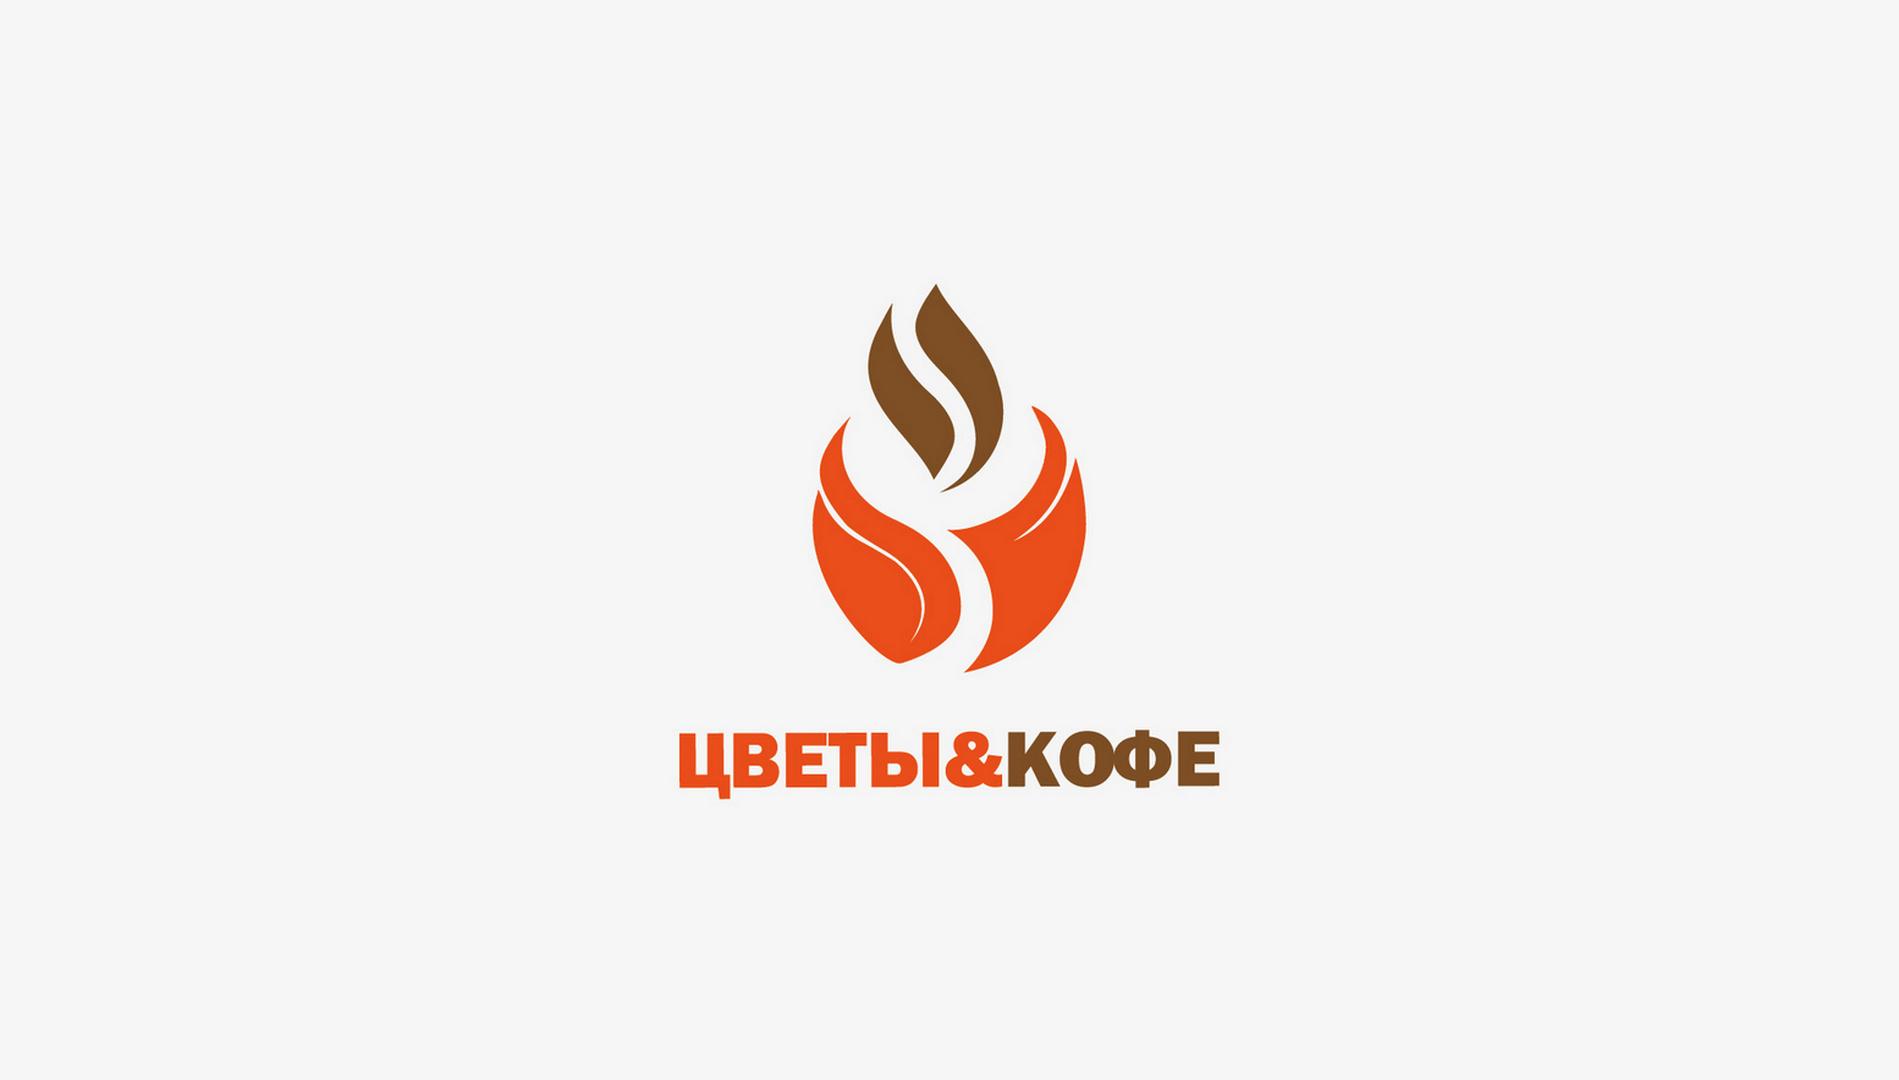 Логотип для ЦВЕТОКОД  фото f_2095d00827b0c792.jpg